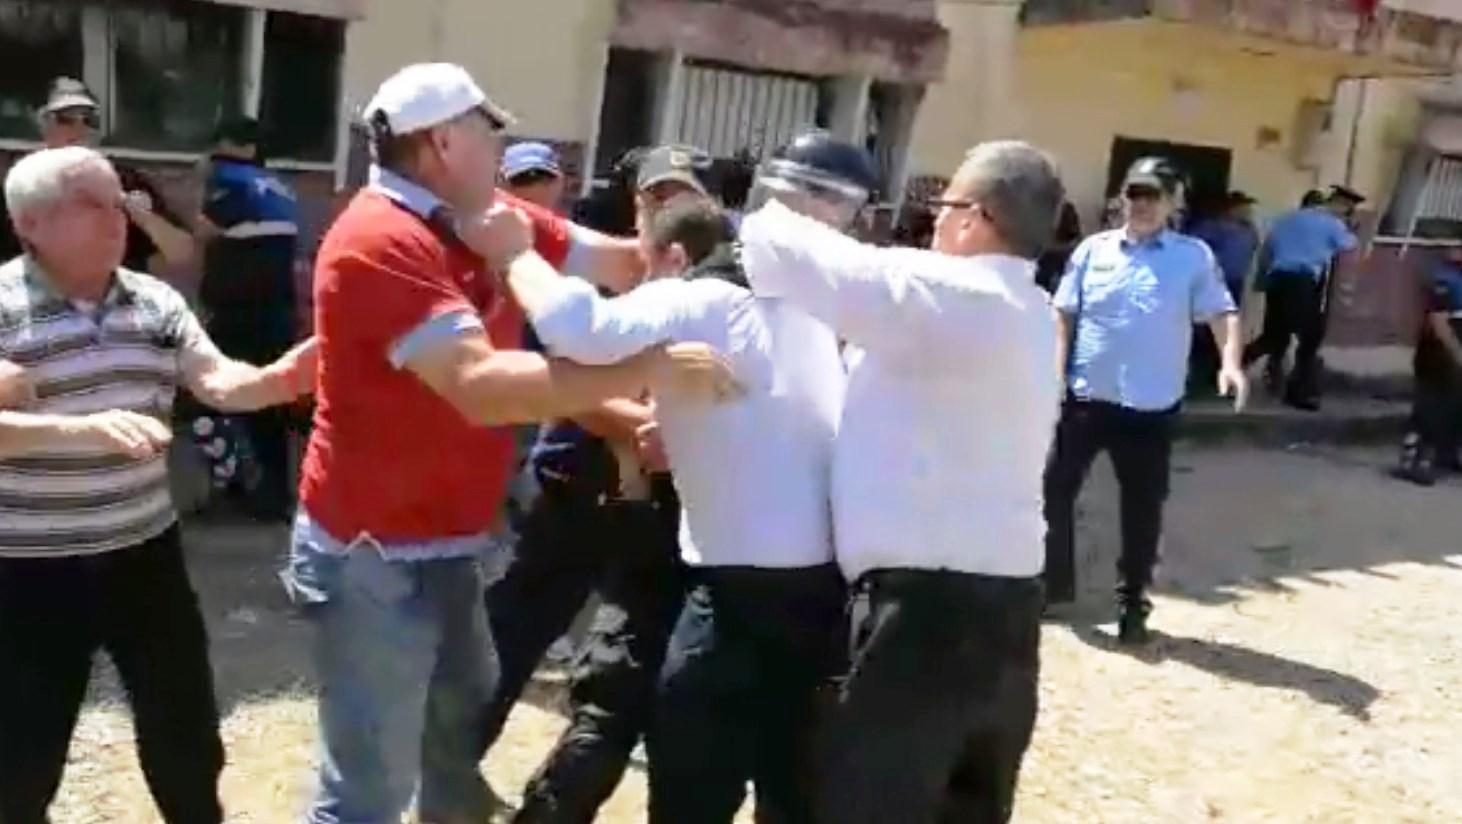 Përleshjet në KZAZ-në e Kavajës, policia arreston 6 persona dhe procedon 31 të tjerë